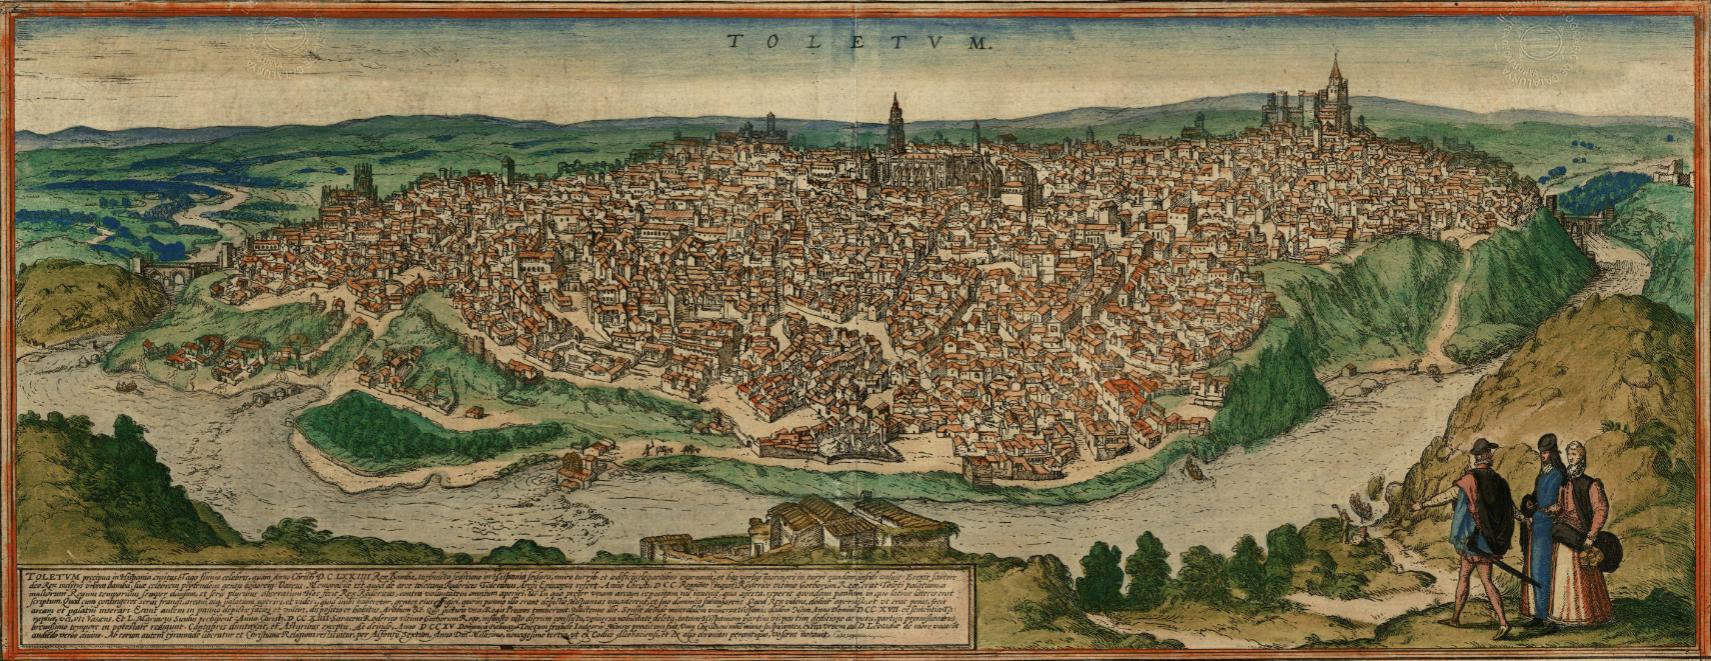 Gravat de Toledo (1572). Font Cartoteca de Catalunya